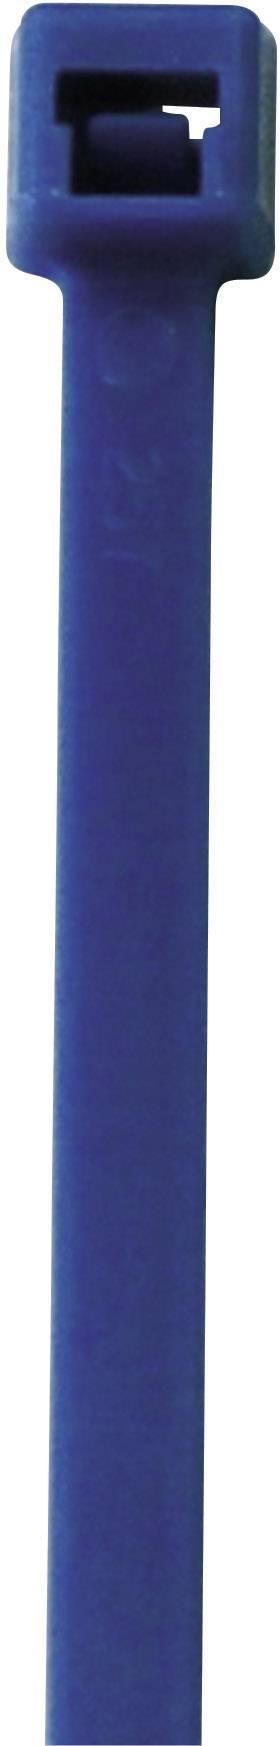 Neonska kabelska vezica, fluorescenčna (D x Š) 192 mm x 4.6 mm oranžna, 50 kosov, PB Fastener